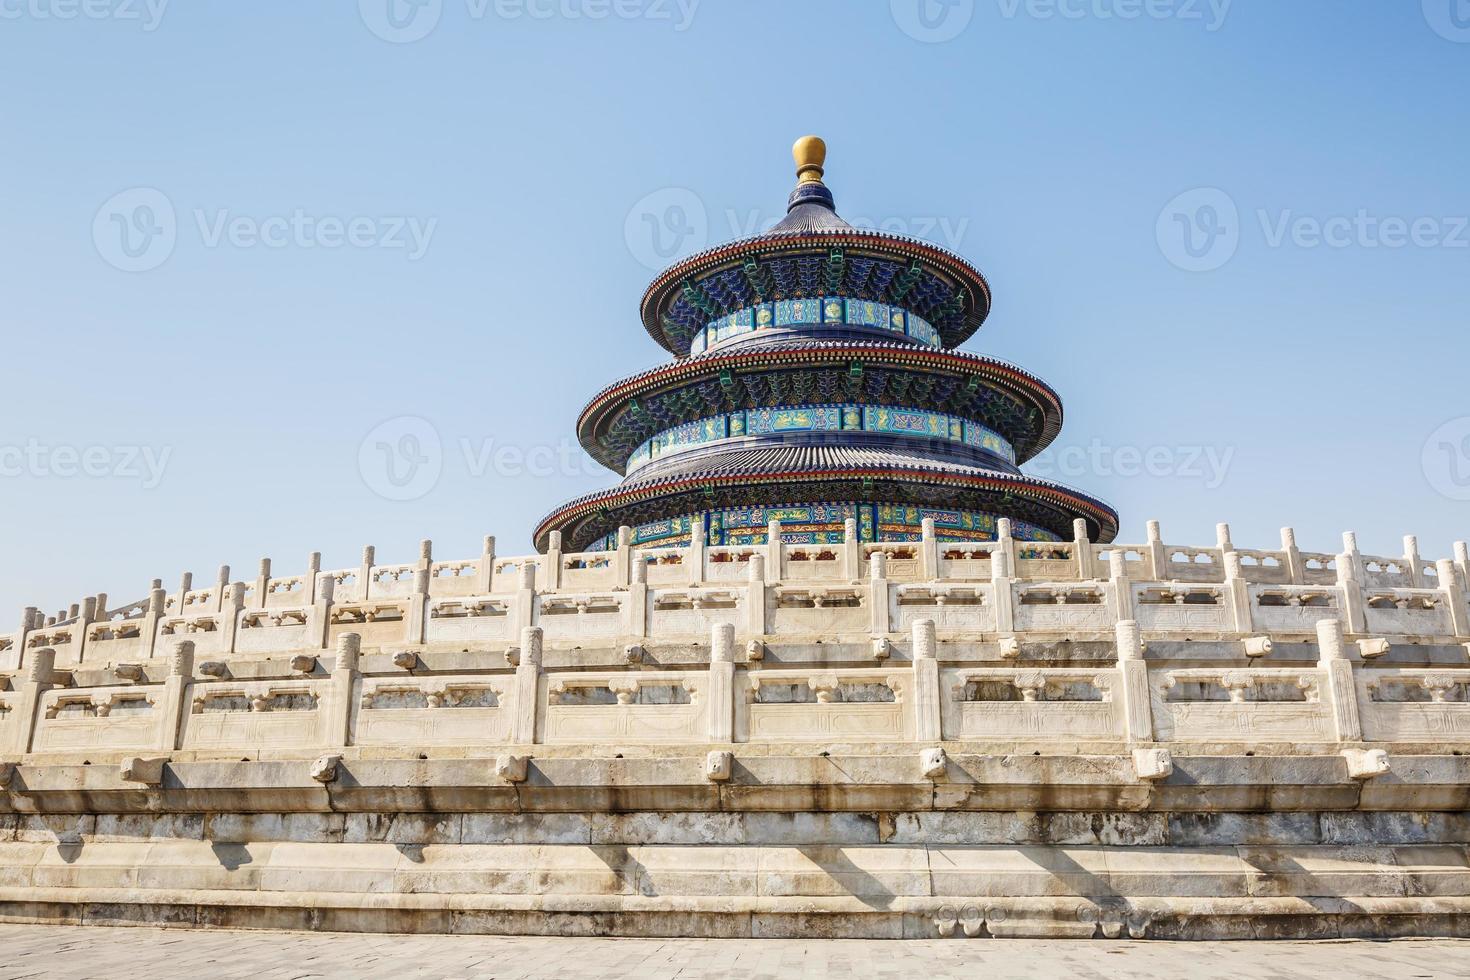 de tempel van de hemel in Peking, het werelderfgoed foto